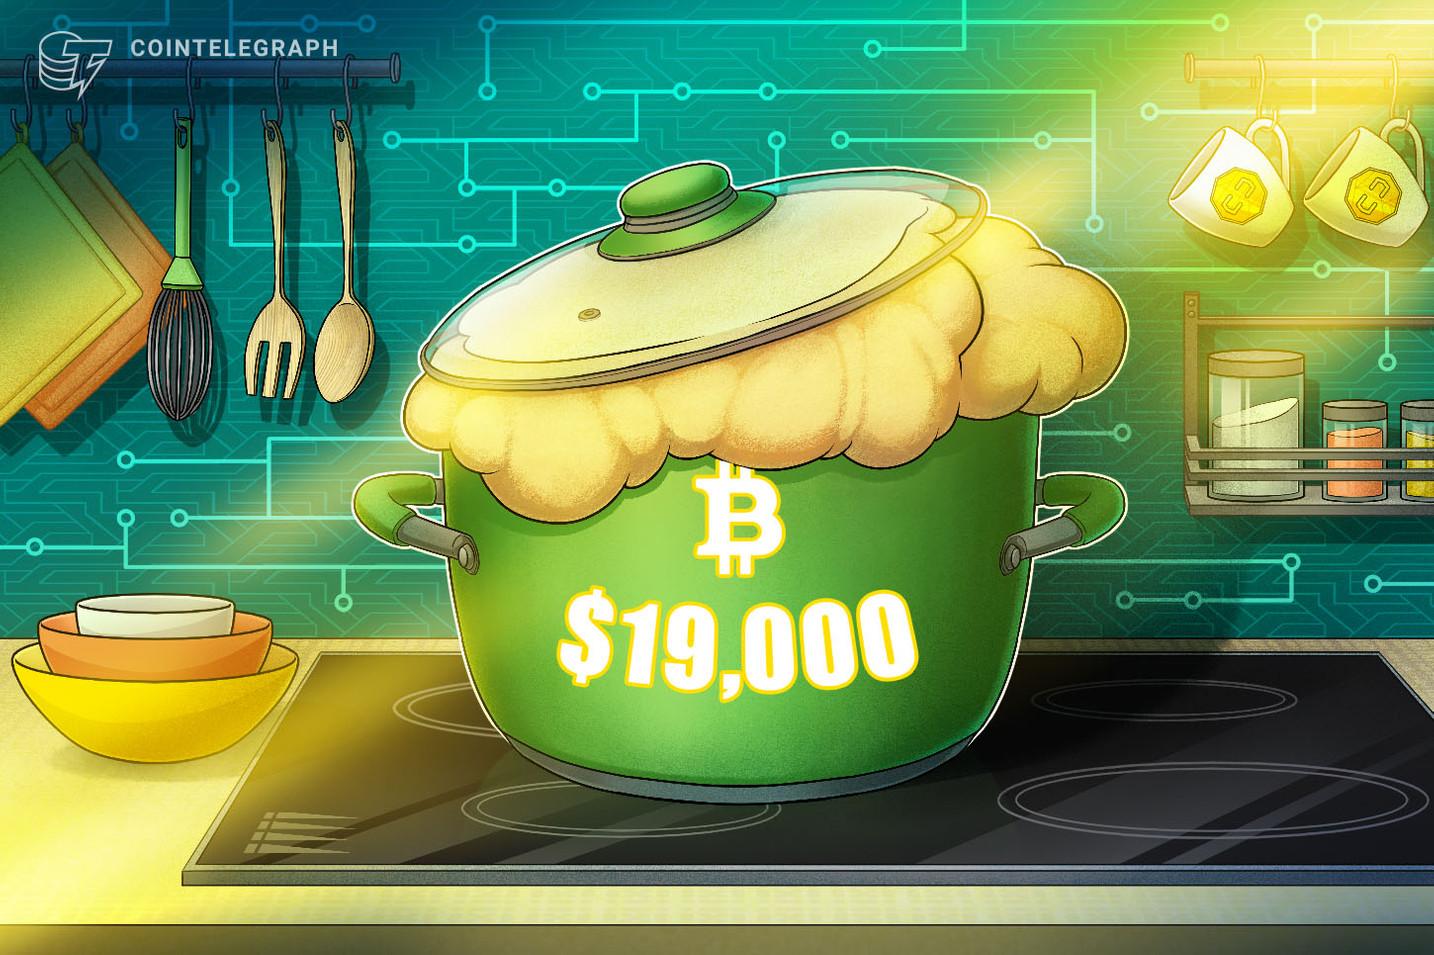 ¿Bitcoin acaba de marcar un suelo? BTC reclama el nivel de los 19,000 dólares mientras el nuevo repunte gana fuerza